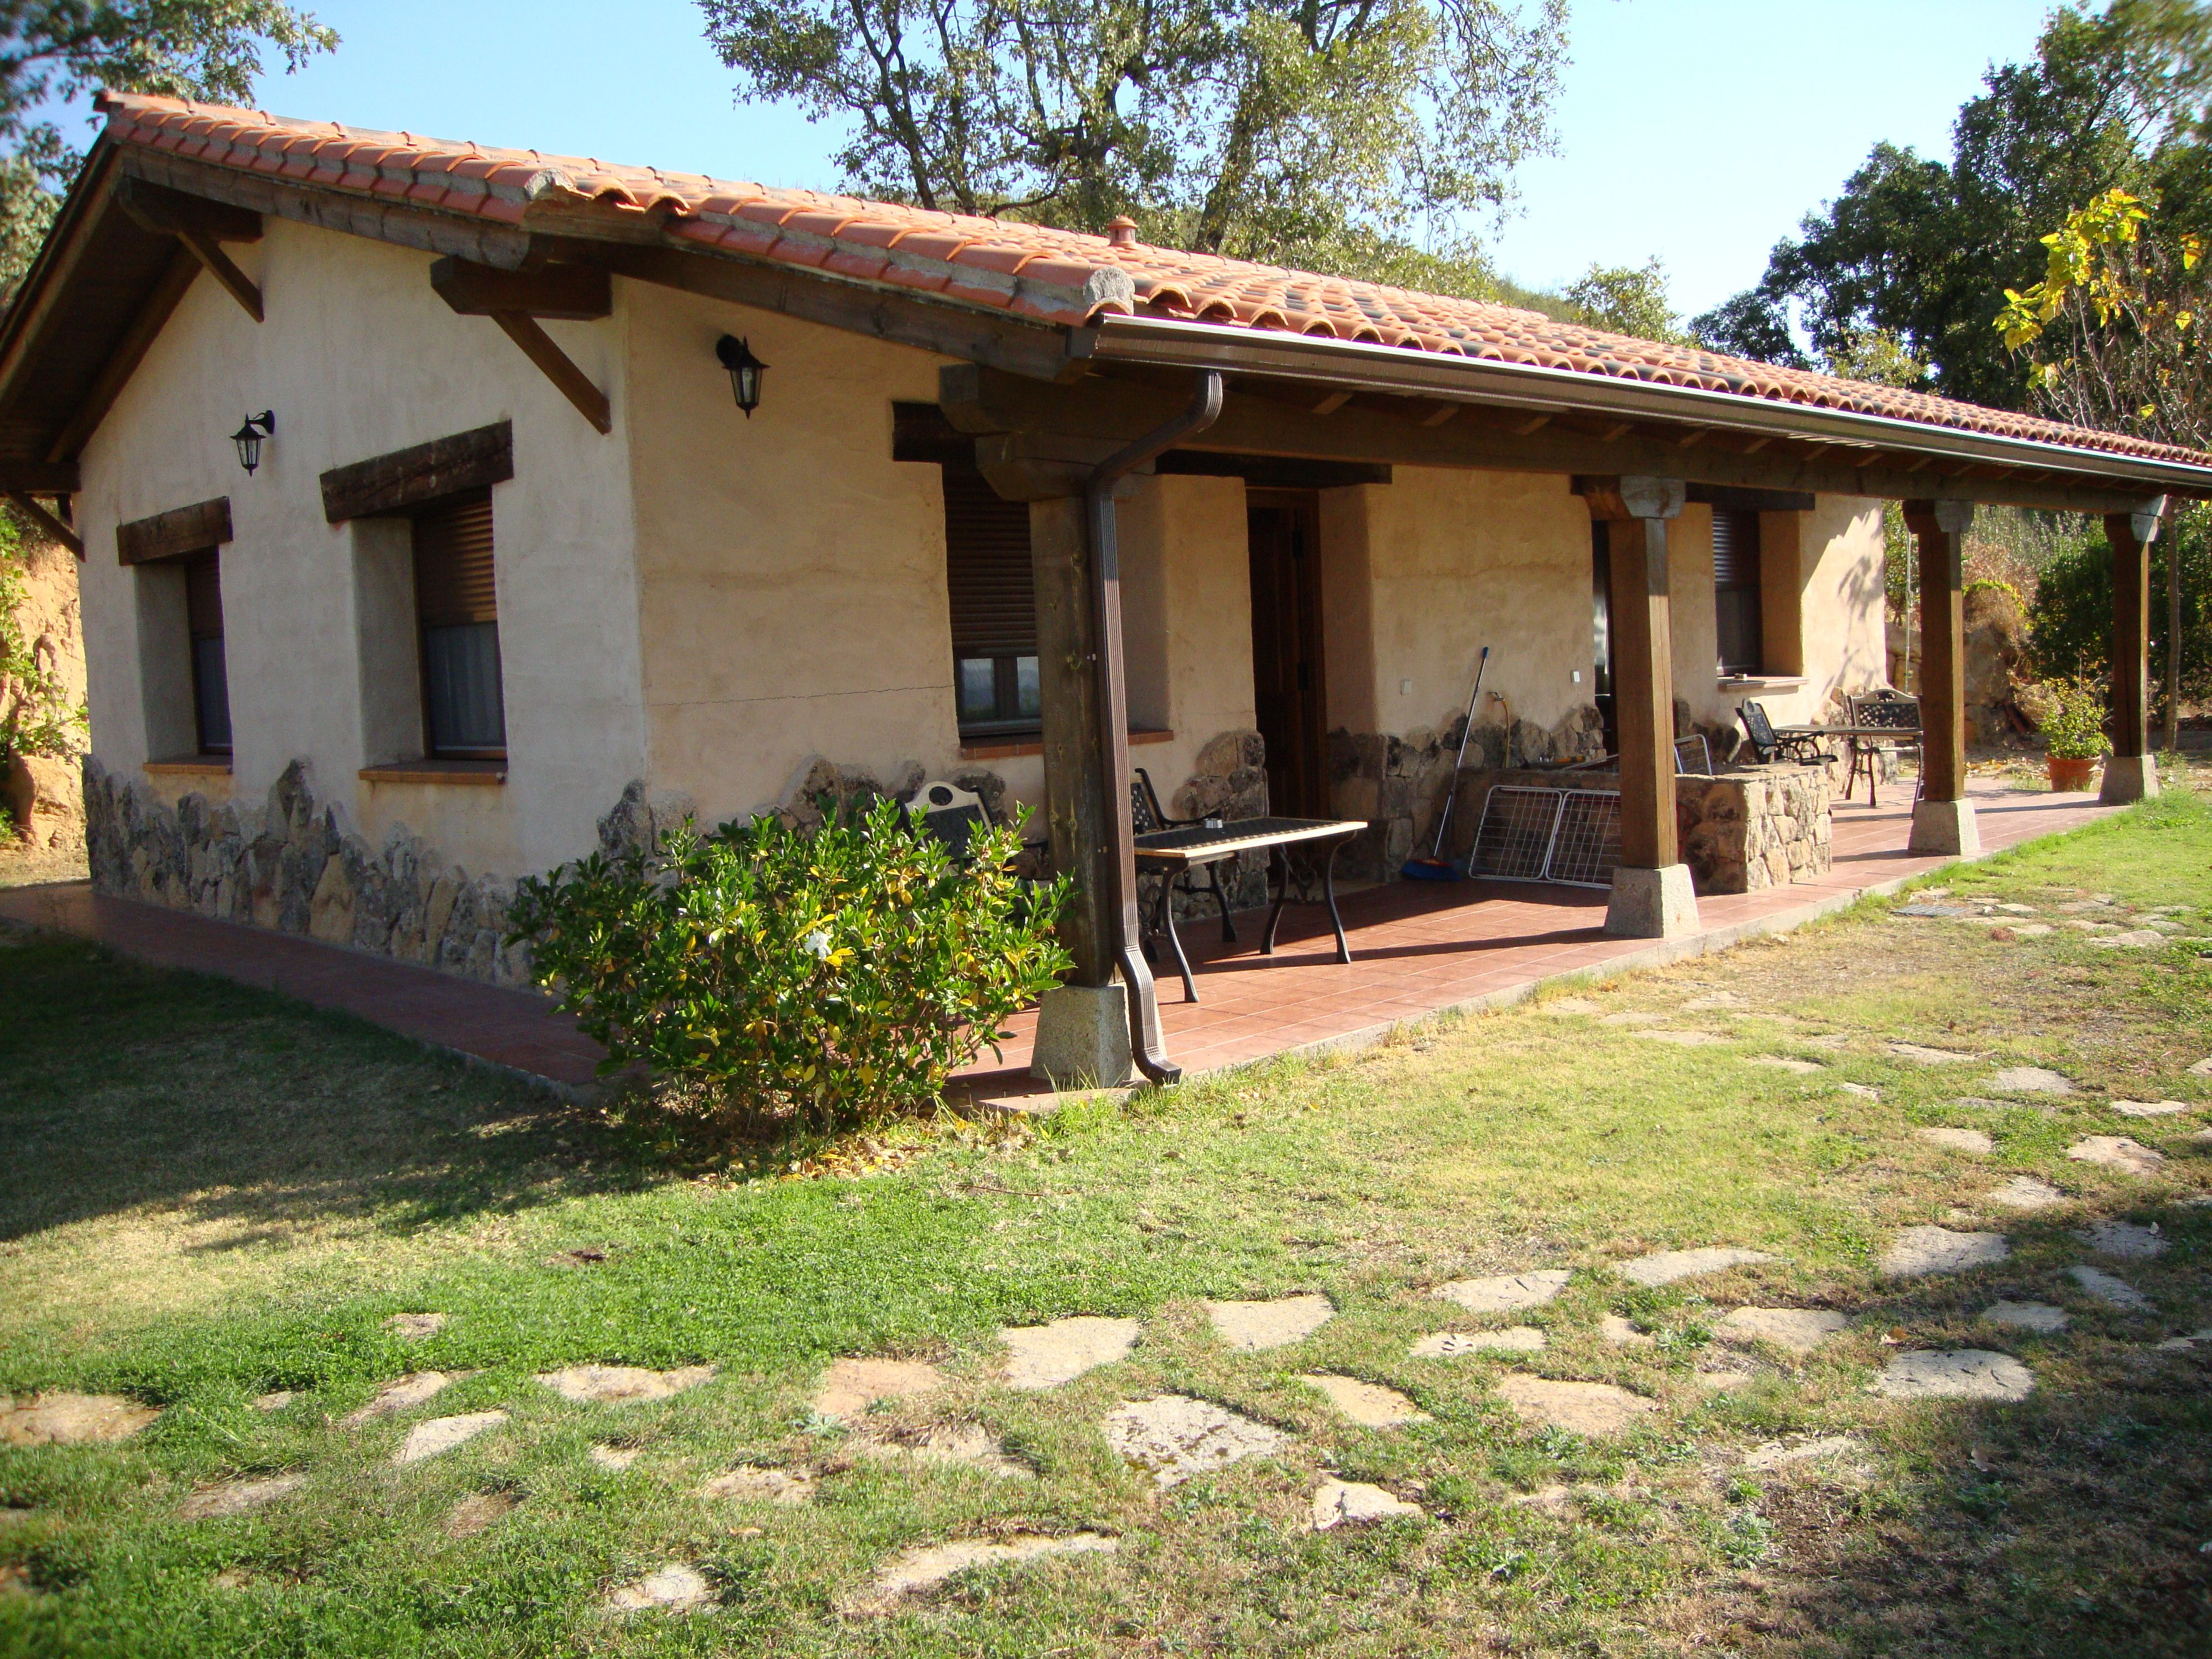 Patios gardens seating casas de campo pinterest de - Casas rurales prefabricadas ...